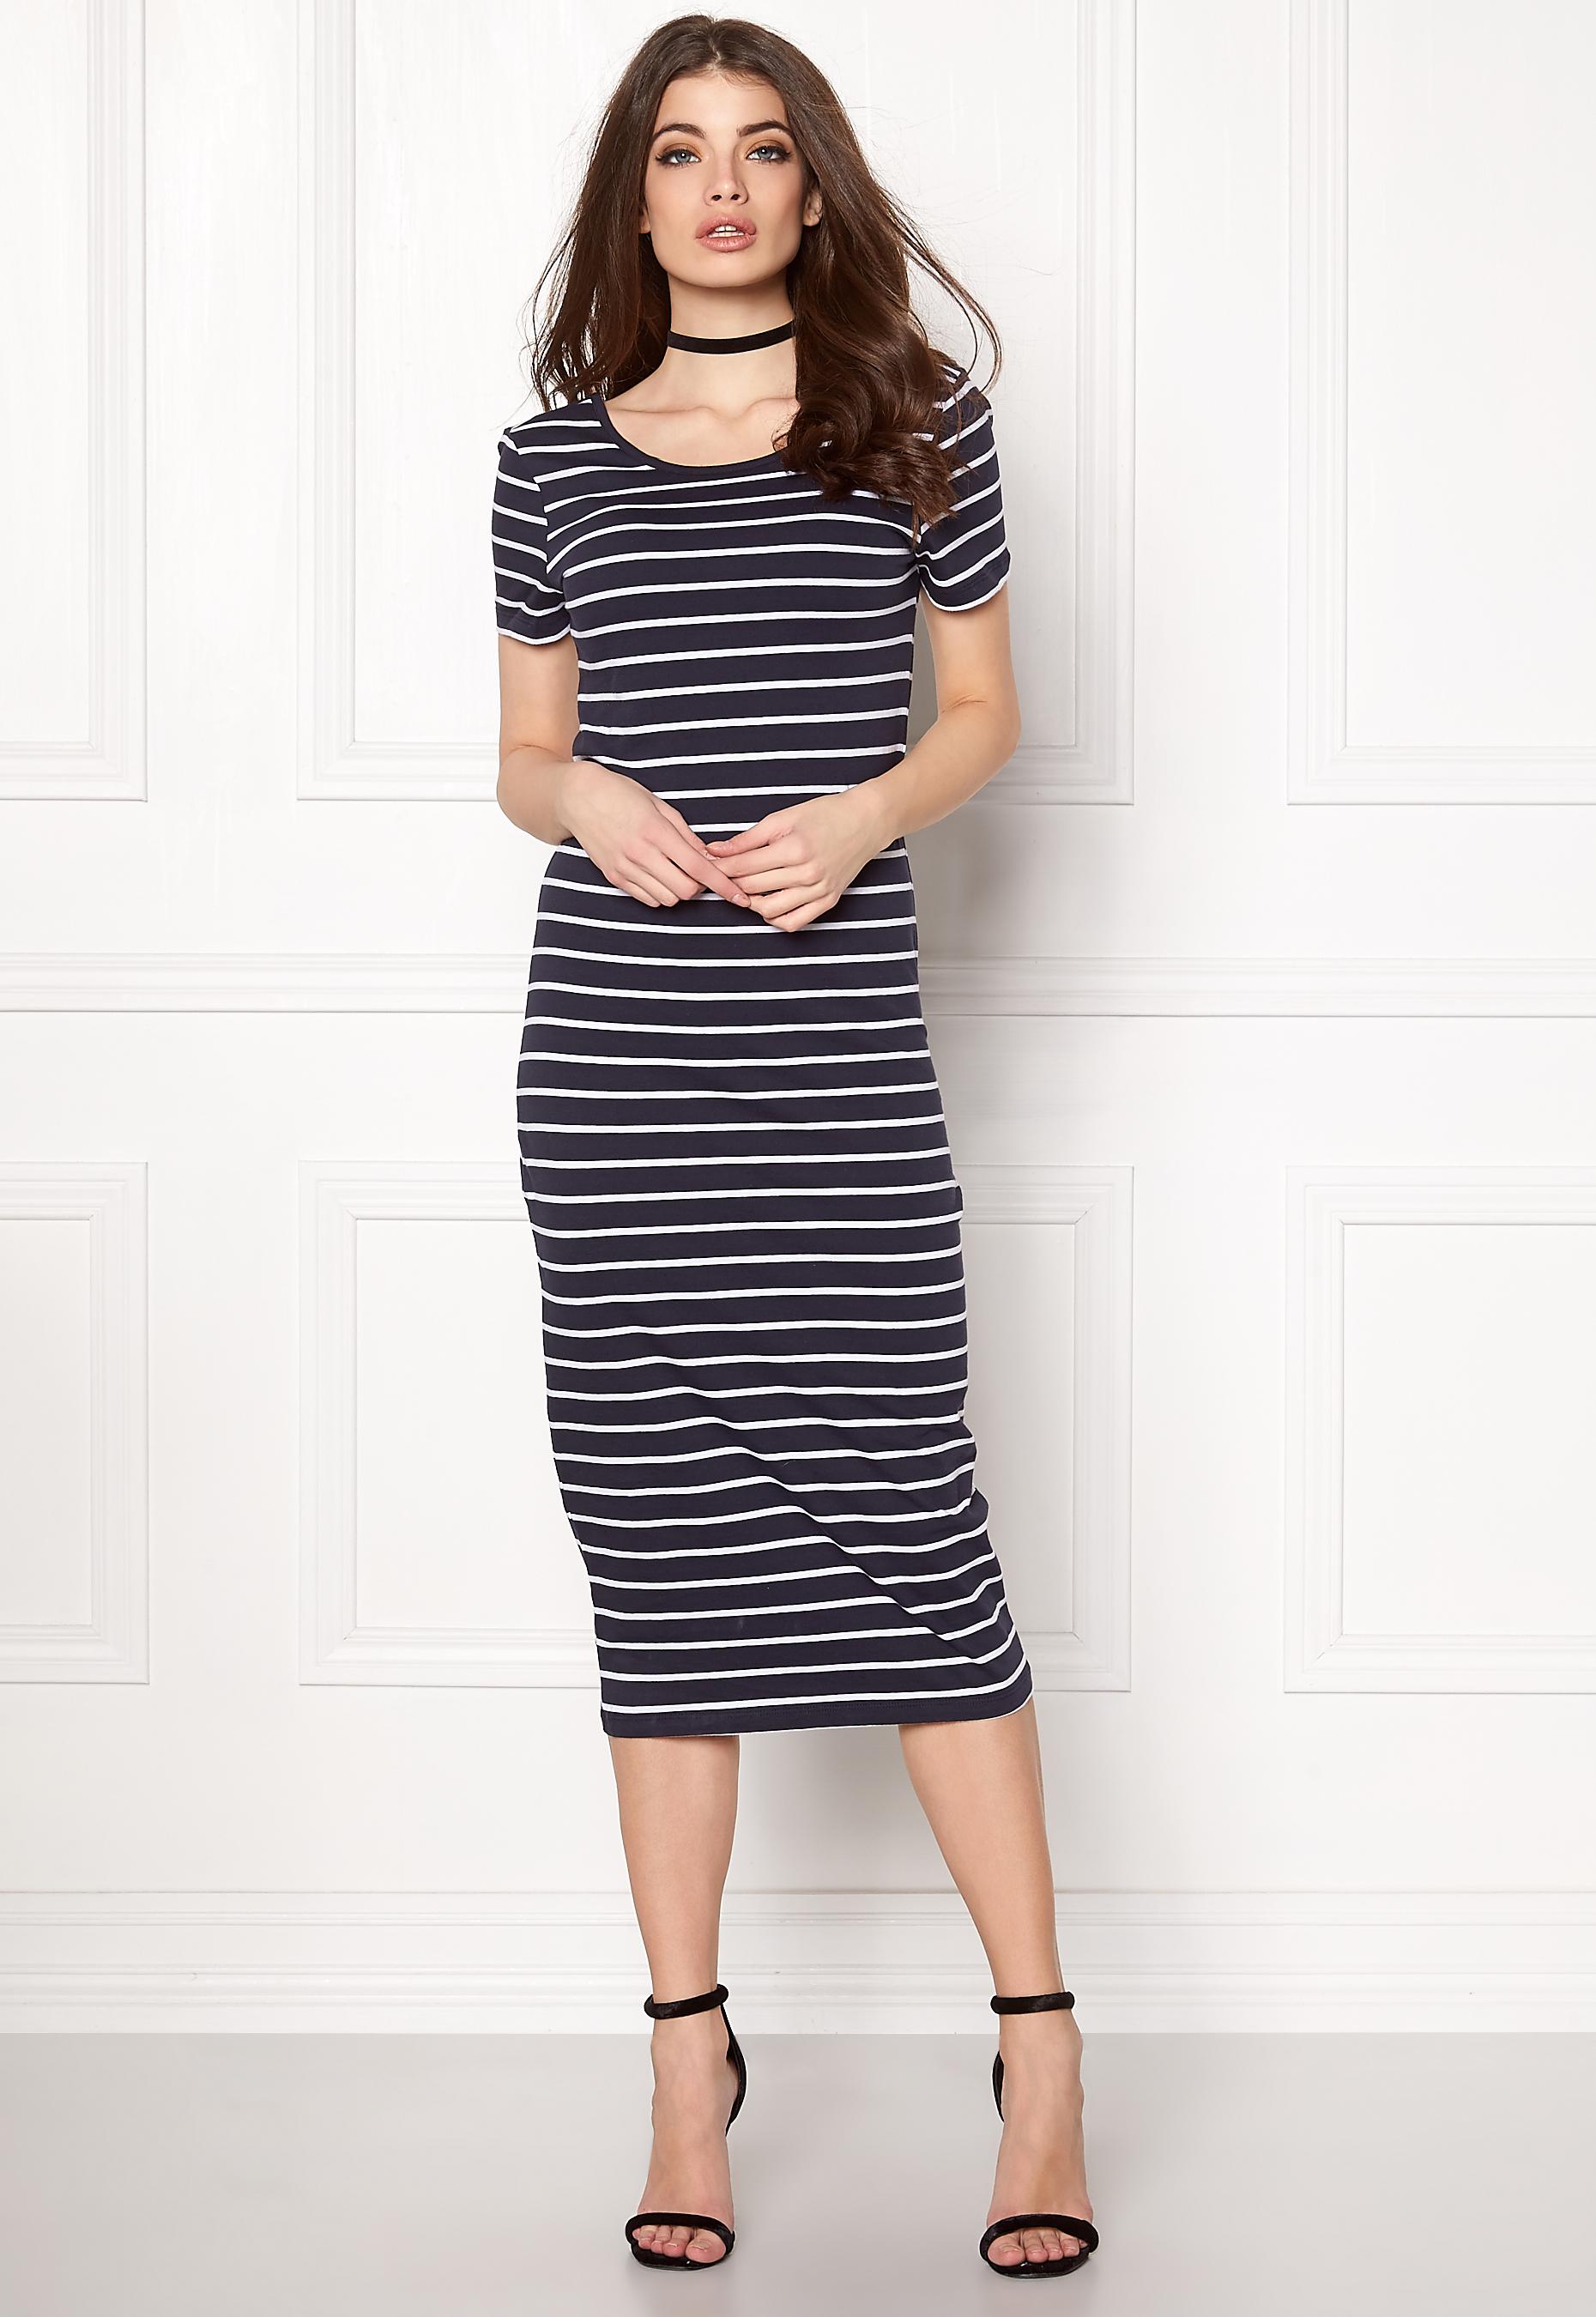 Tiger Stripe Dress Shoes